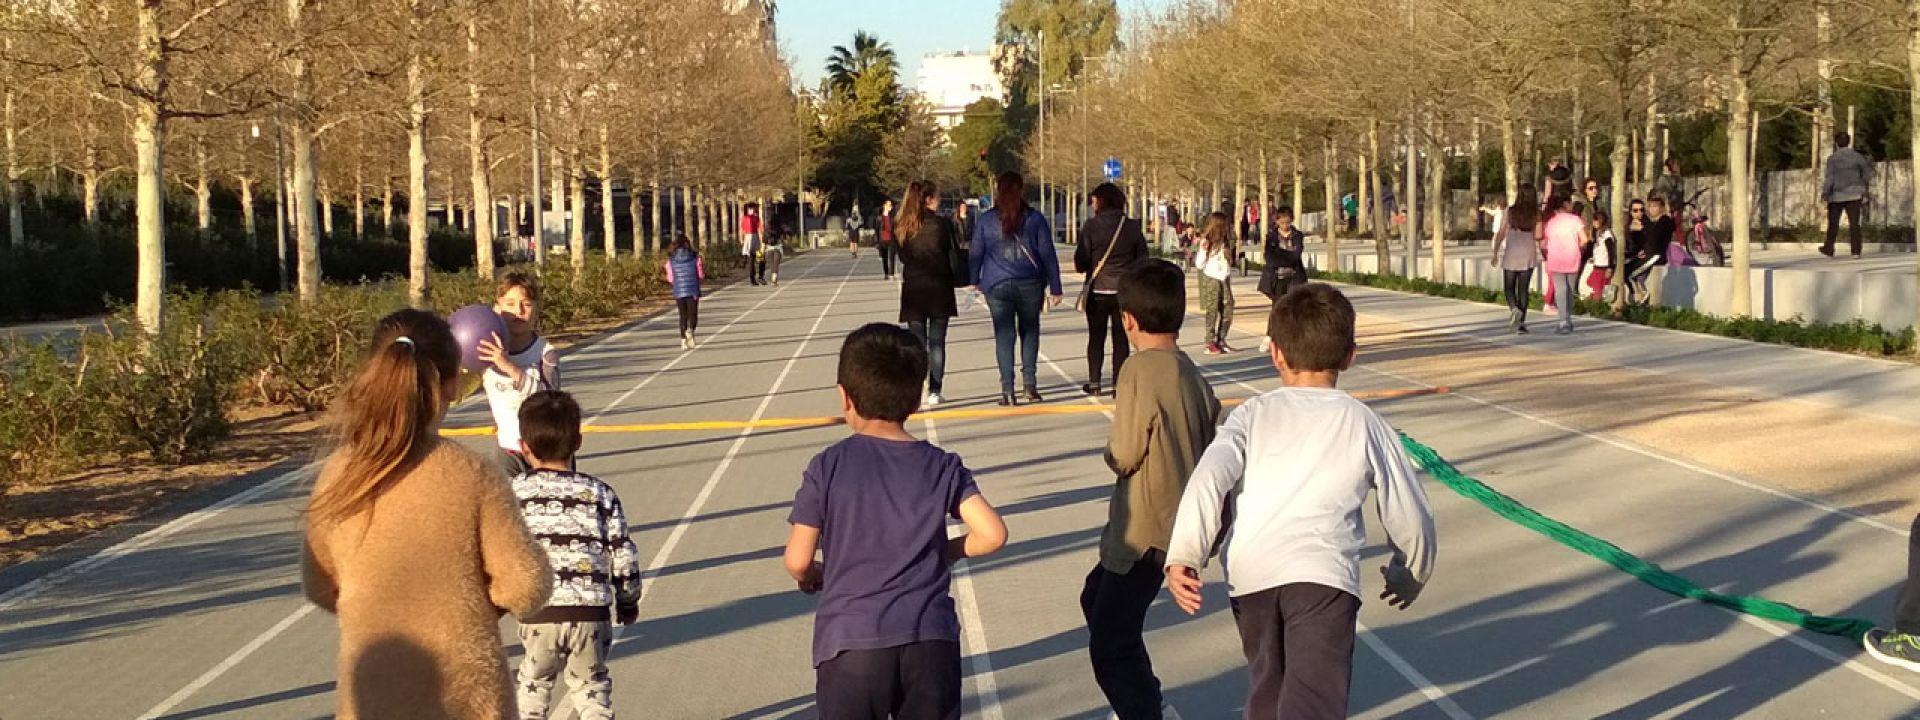 Φωτογραφία από παιδιά που παίζουν στο ΚΠΙΣΝ